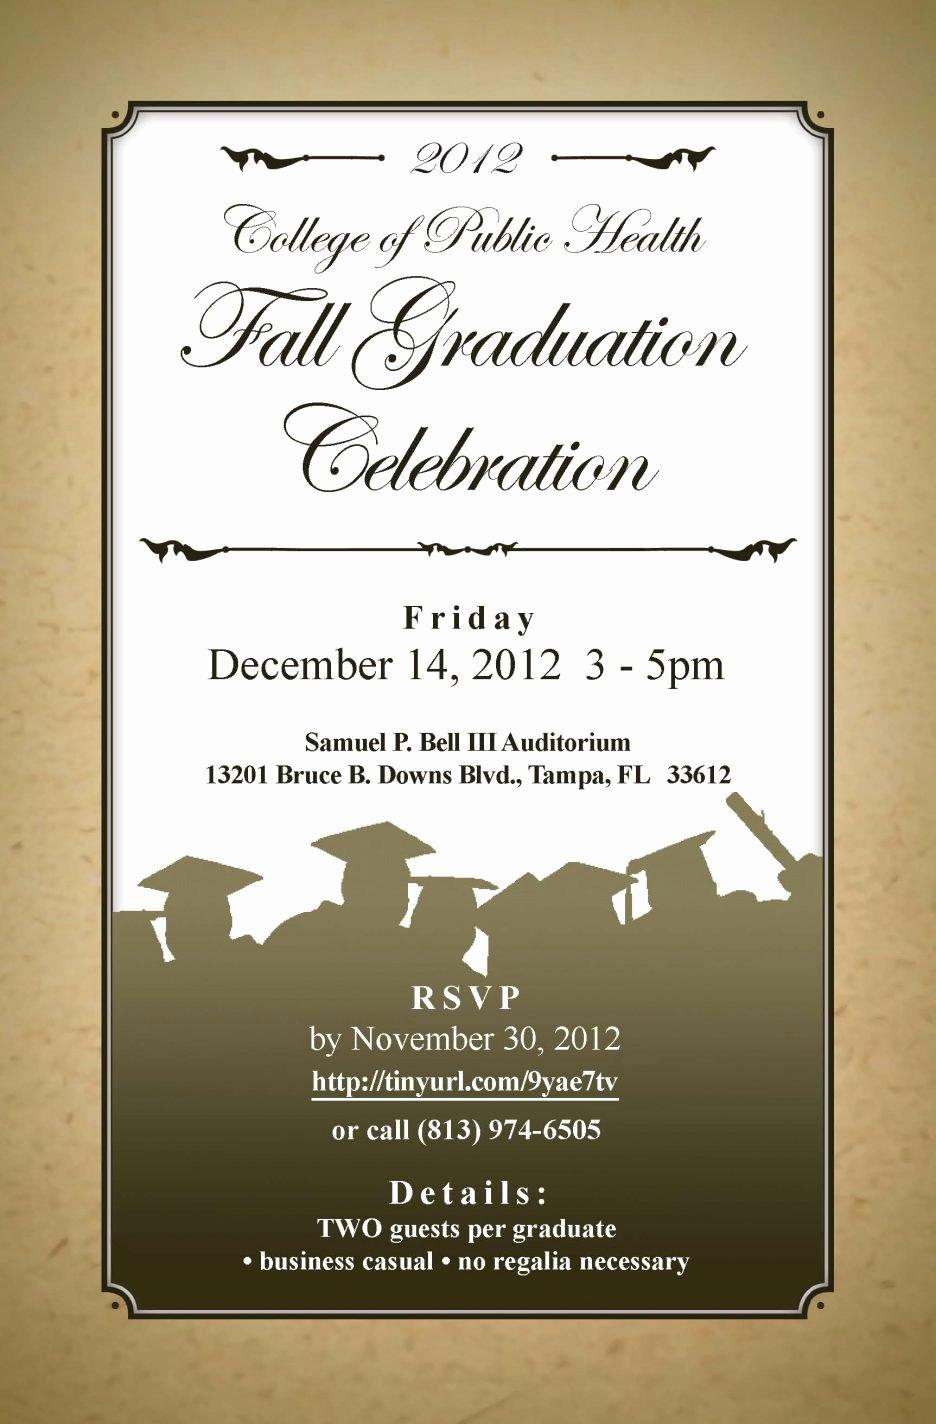 Graduation Dinner Invitation Template Elegant Graduation Dinner Invitation